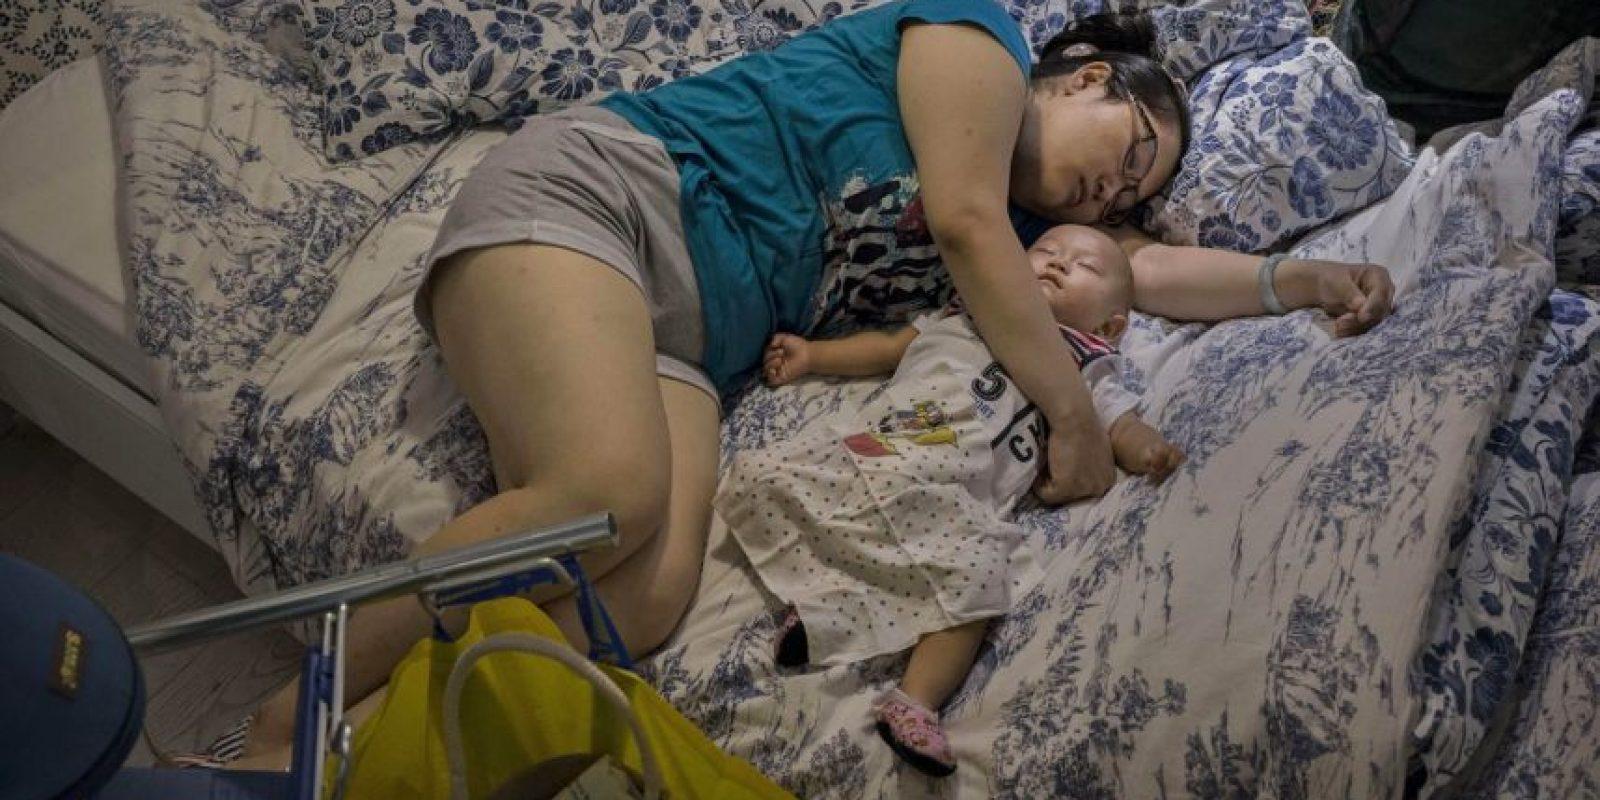 A nivel fisiológico, se ha visto que la falta de sueño también repercute en la habilidad para procesar la glucosa, lo que puede provocar altos niveles de azúcar en la sangre y favorecer la diabetes o un aumento de peso. Foto:Getty Images